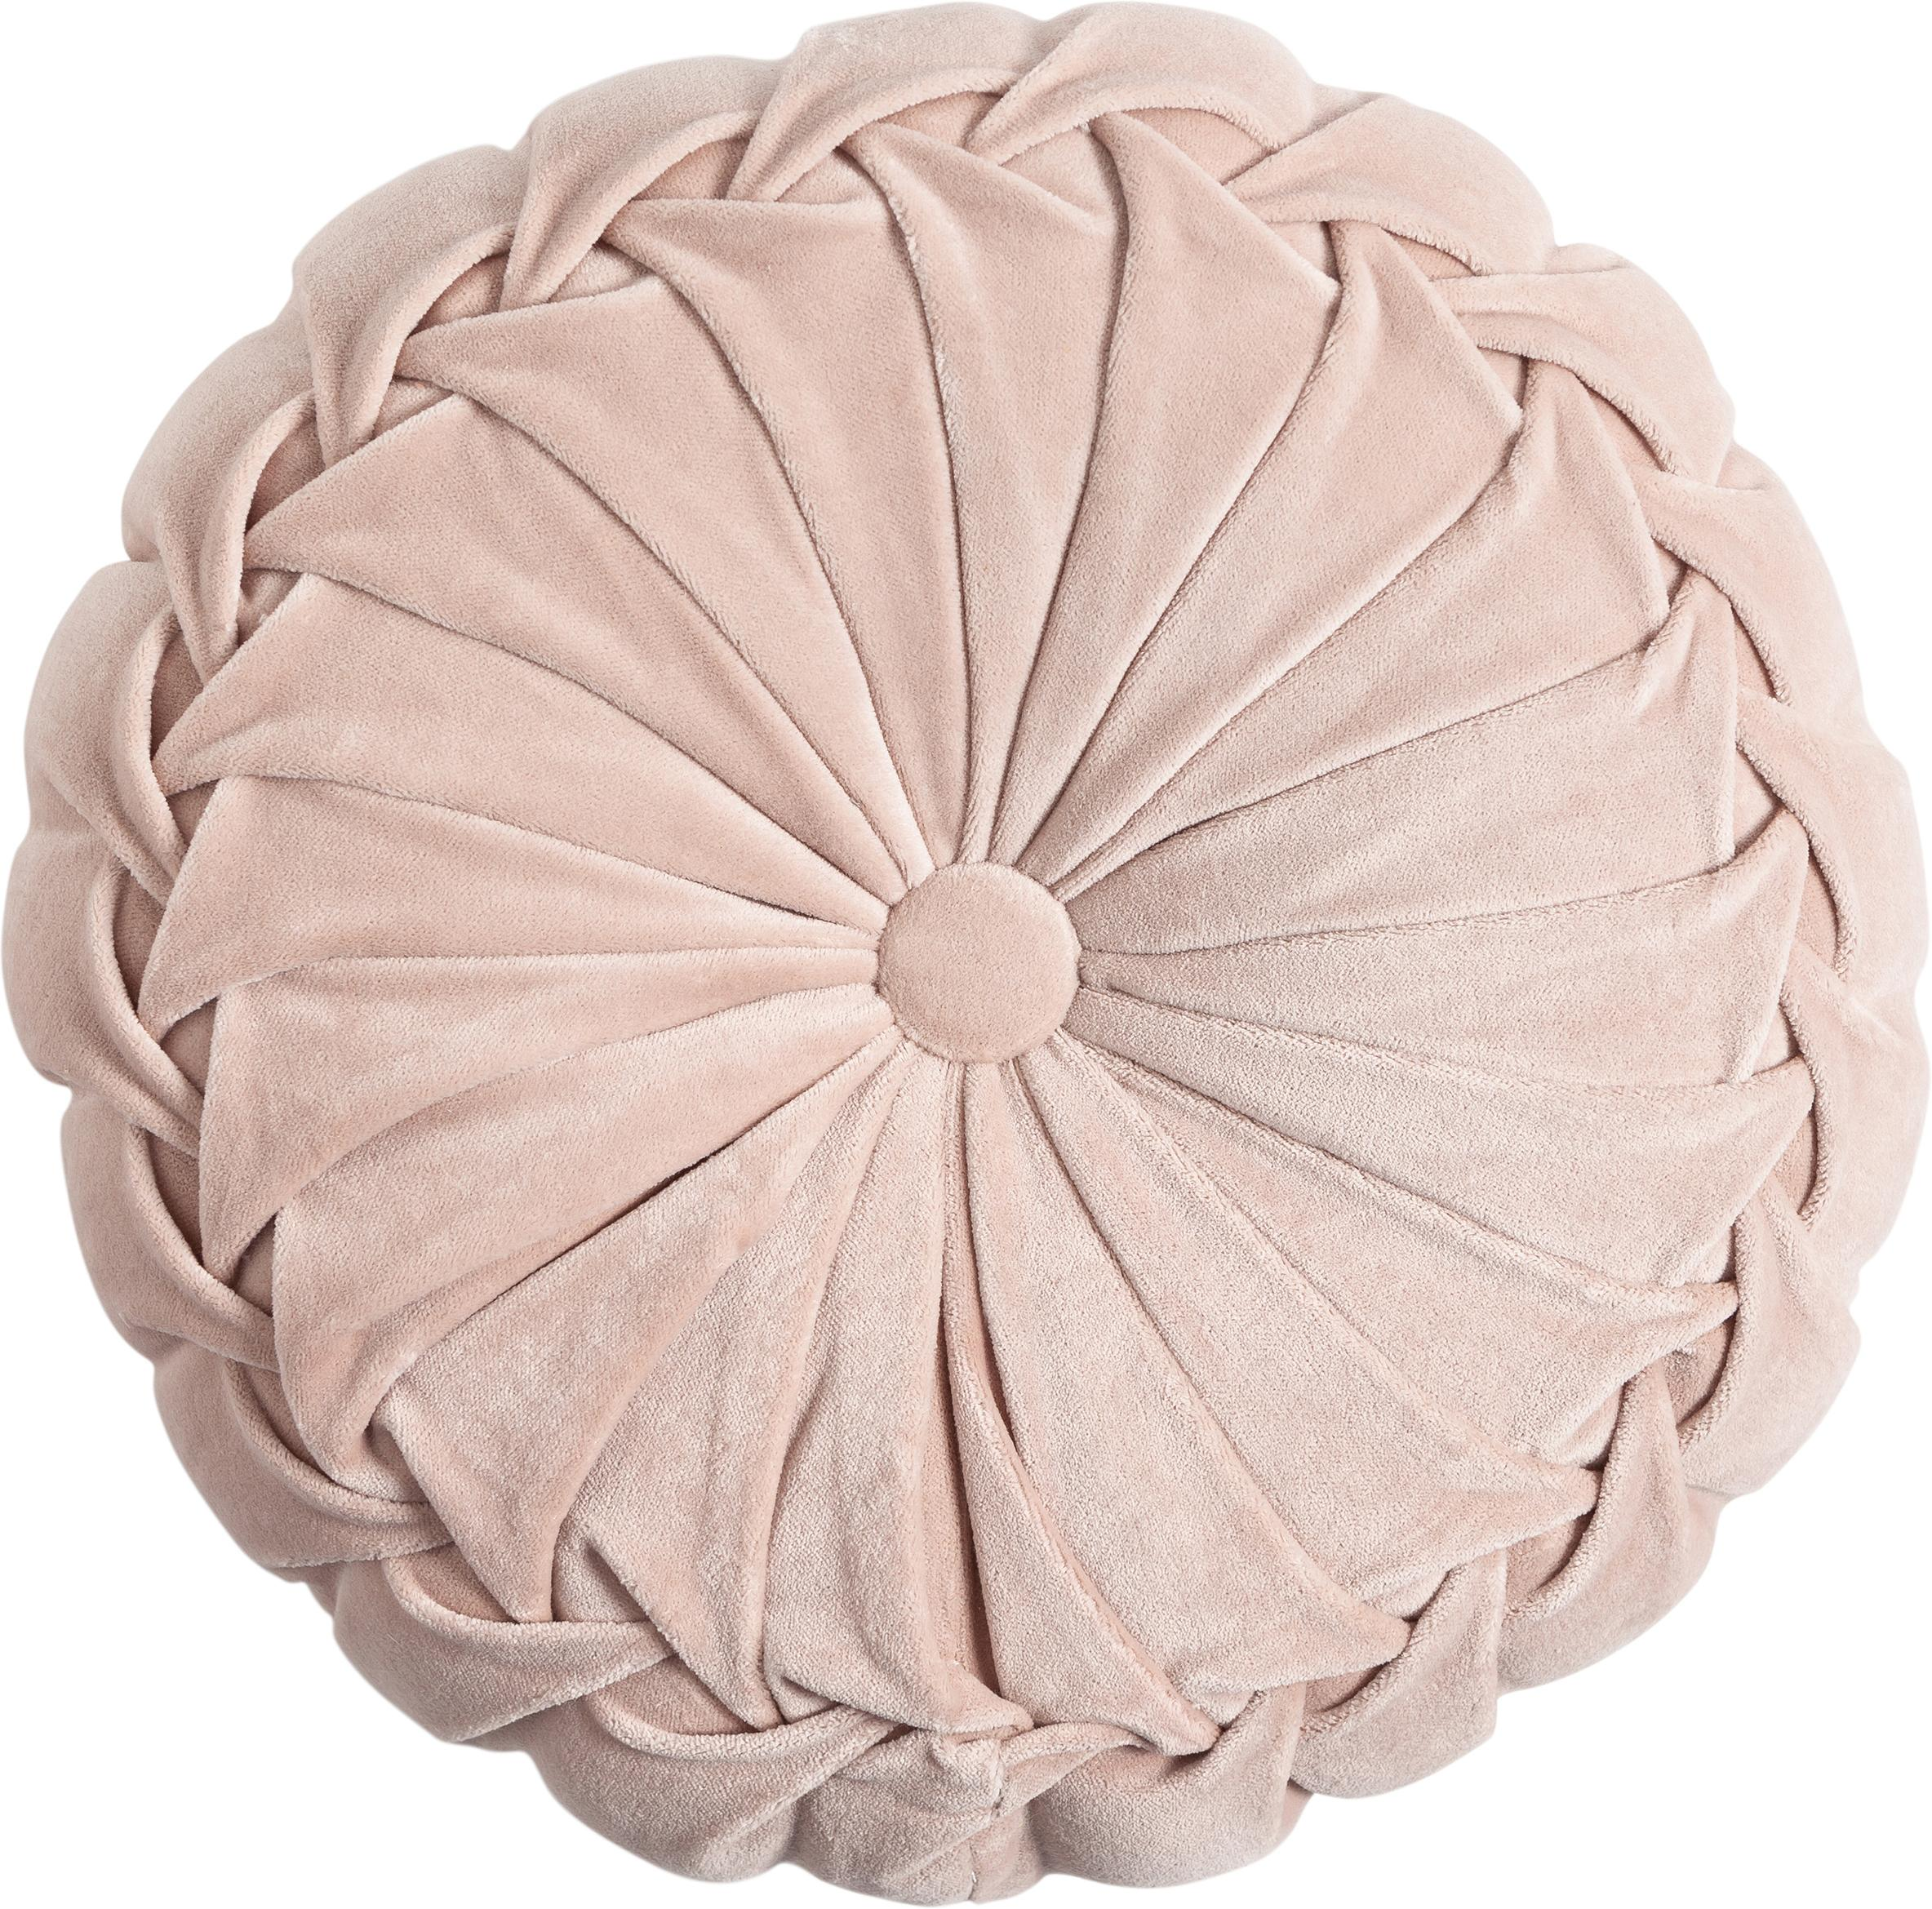 Cuscino rotondo in velluto con imbottitura Kanan, Rivestimento: 100% velluto di cotone, Rosa cipria, Ø 40 cm